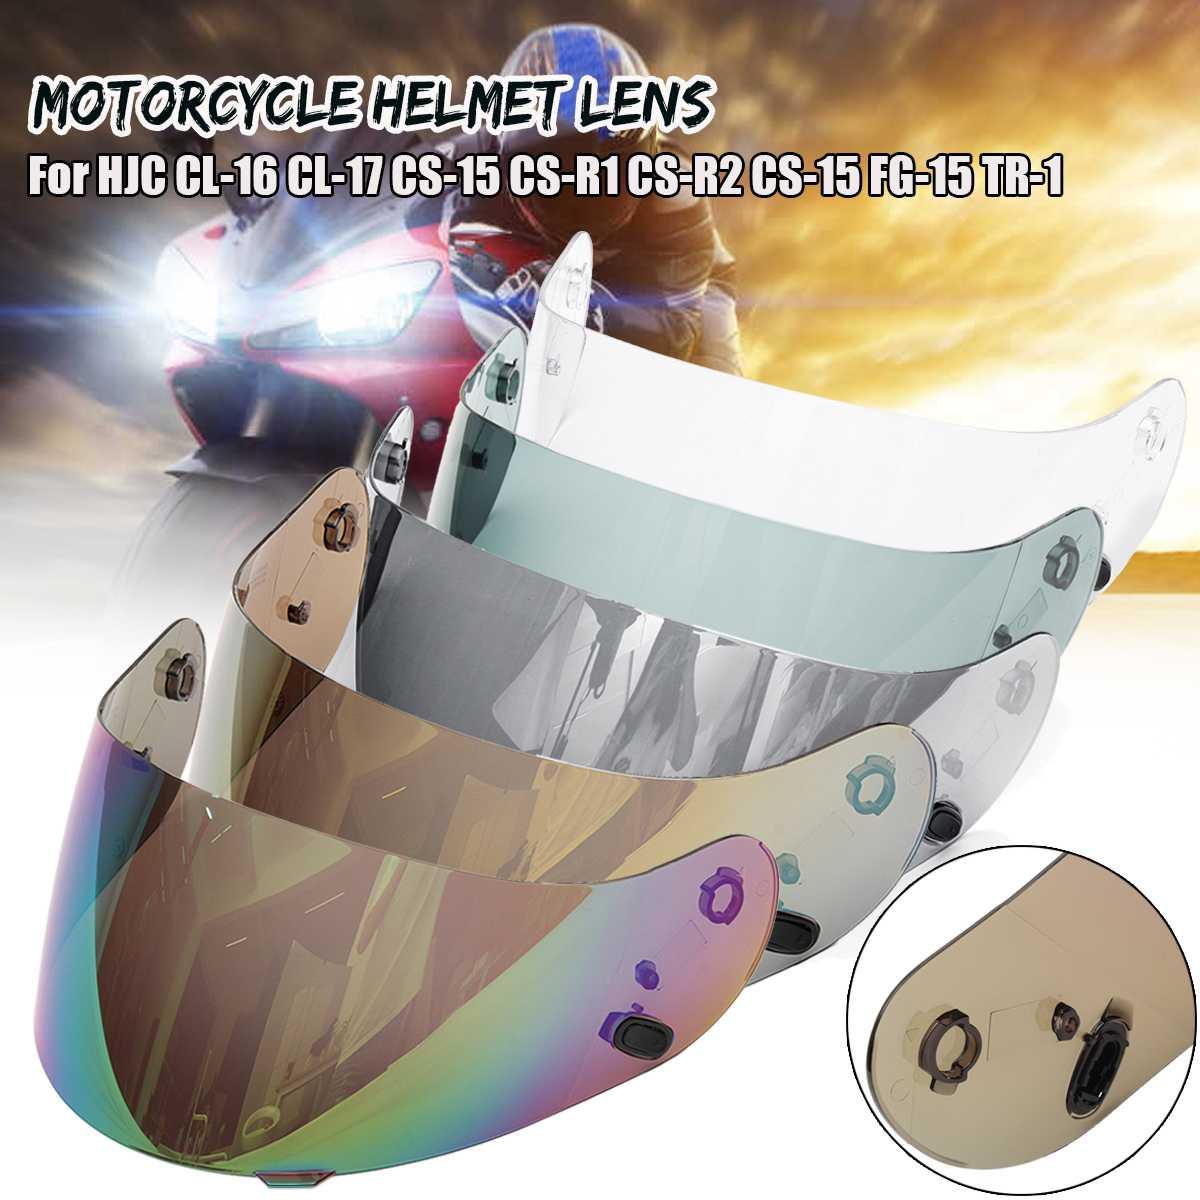 For HJC CL-16 CL-17 CS-15 CS-R1 CS-R2 CS-15 FG-15 TR-1 Motorcycle Helmet Lens helmet visor